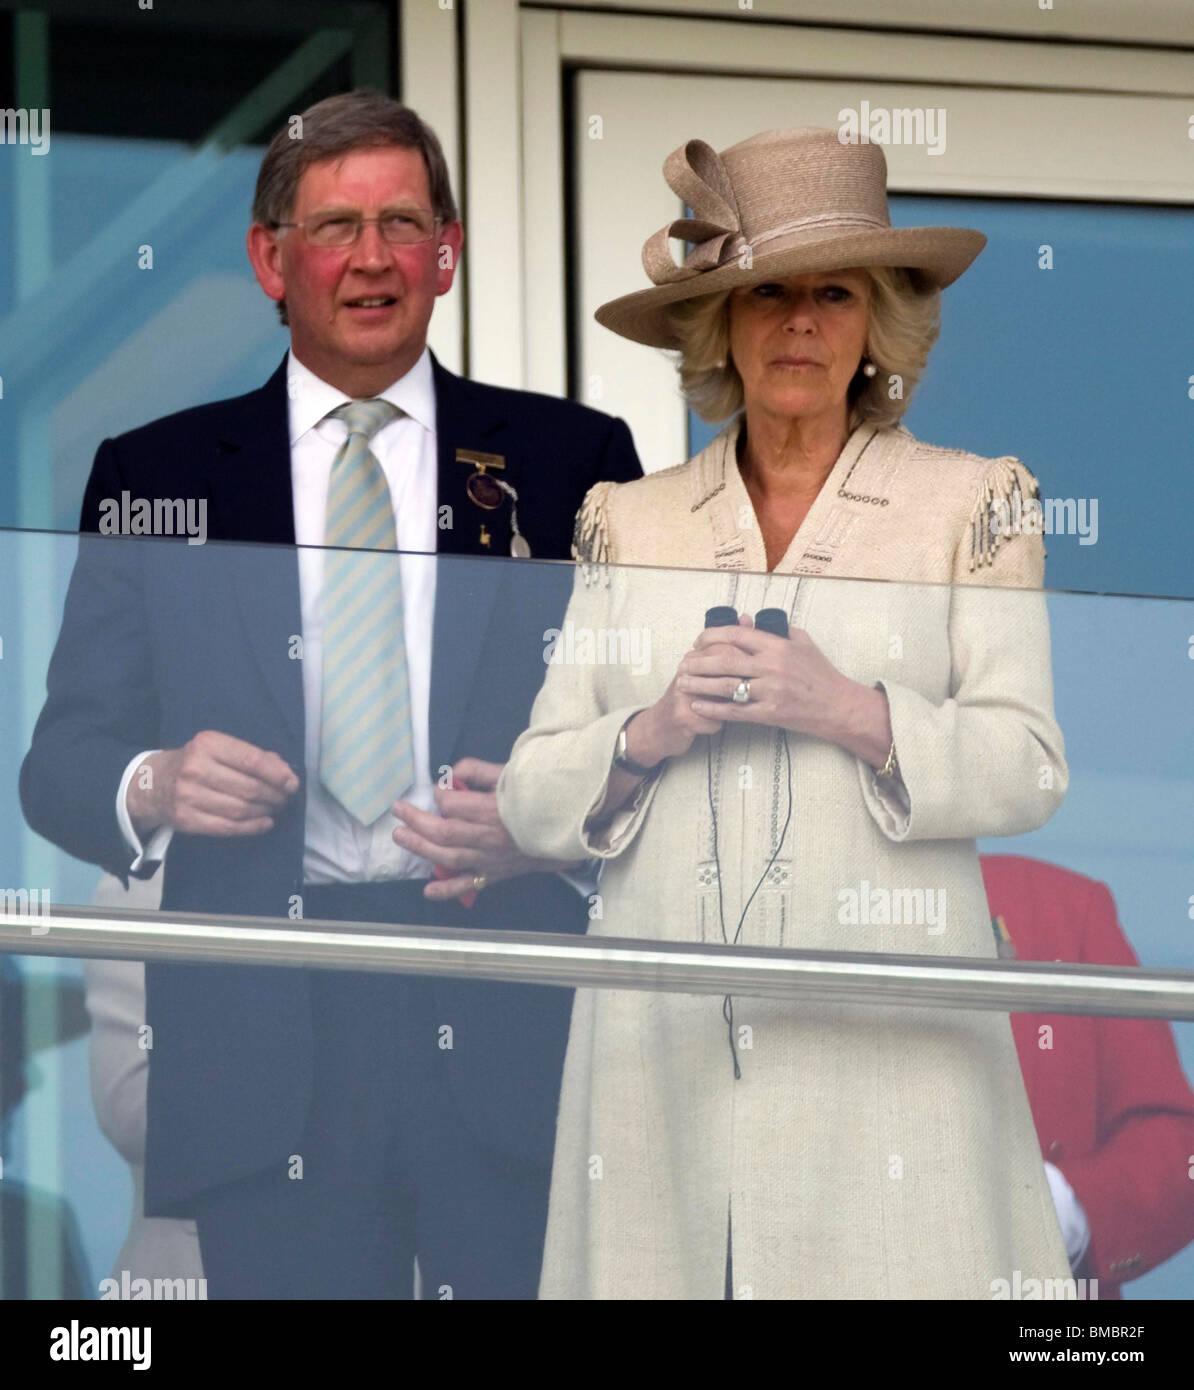 Camilla, Duquesa de Cornualles en Epsom Hipódromo de abajo para inaugurar oficialmente la nueva Duquesa Stand Imagen De Stock